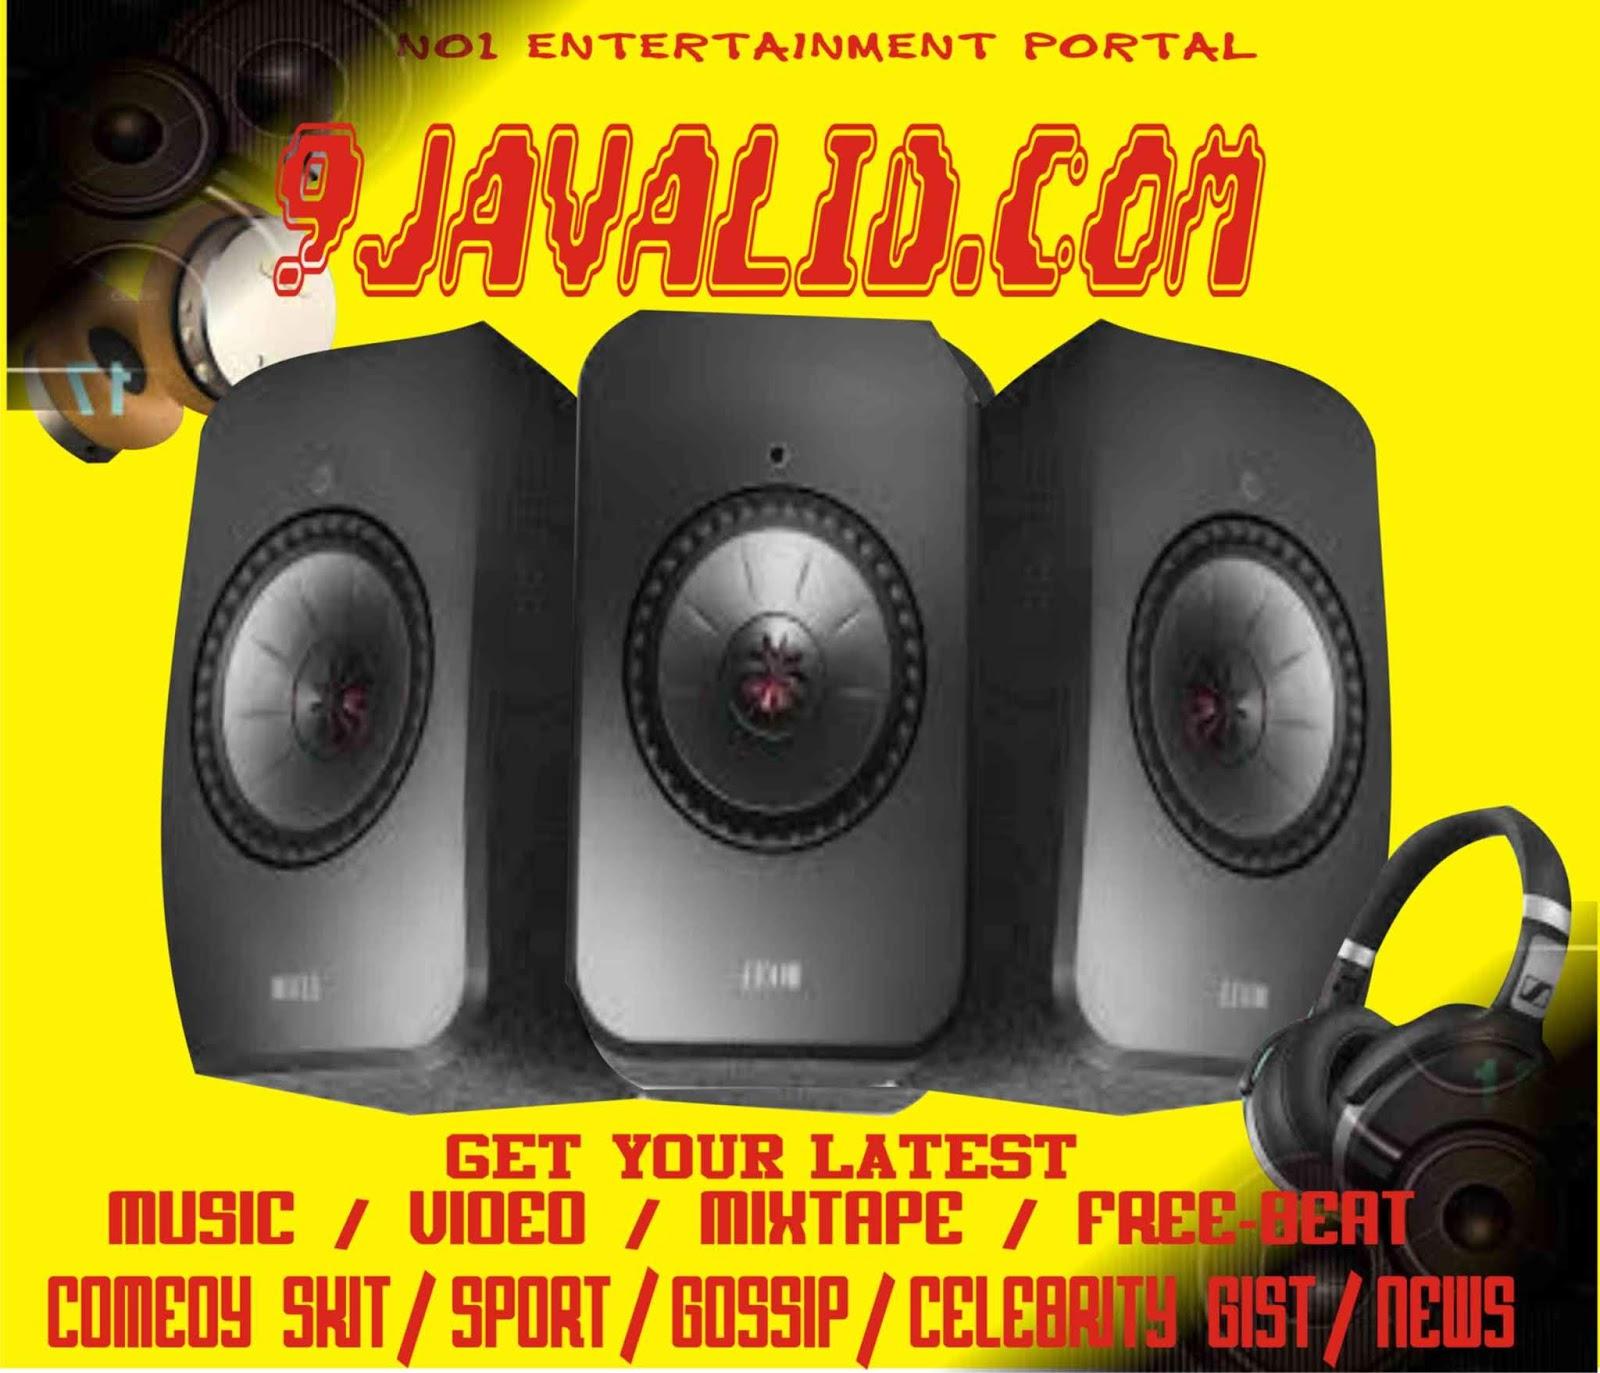 MIXTAPE]Dj Caulcrik - Jungle Mixtape // 9javalid com